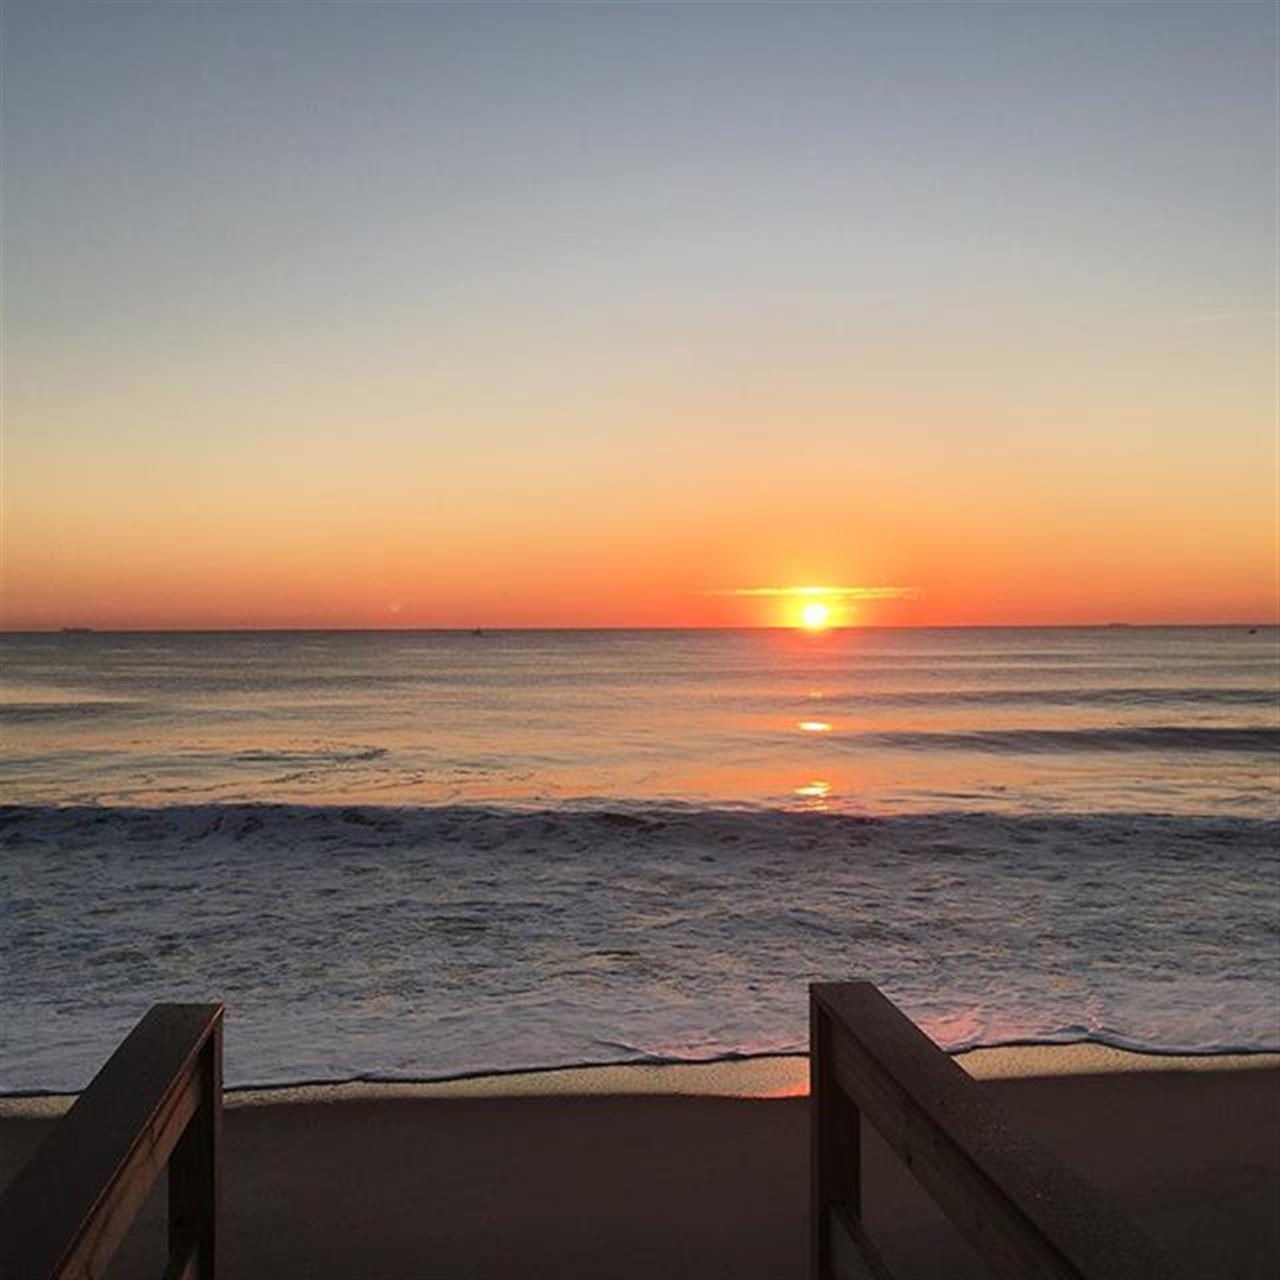 Happy Wednesday! #wednesday #nj #goodmorning #sunrise #jshn #leadingrelocal